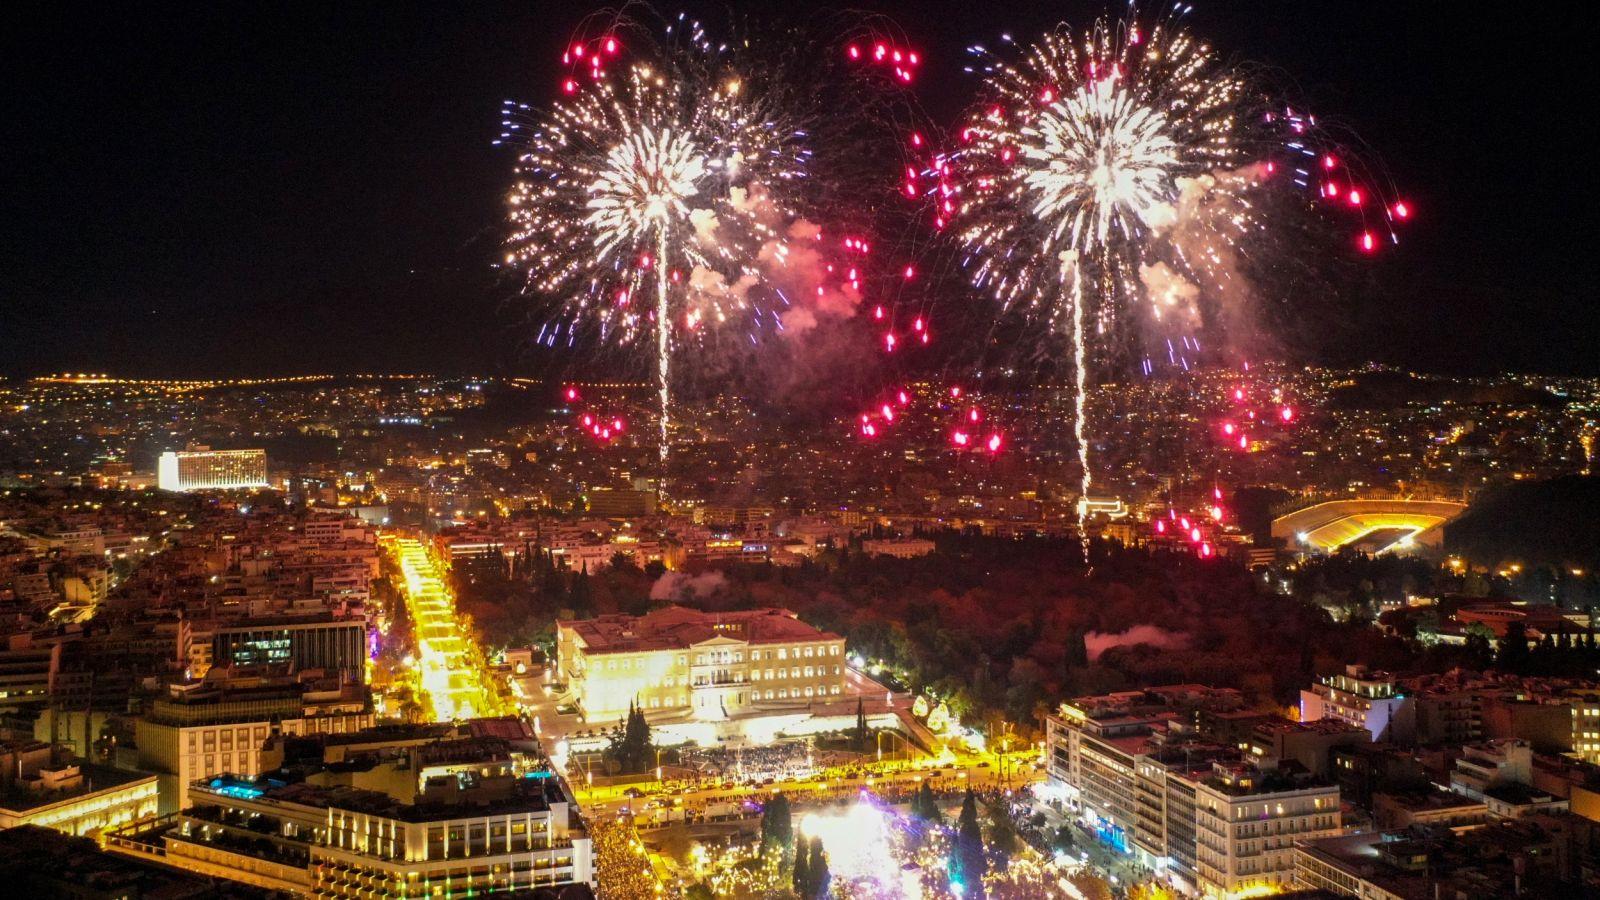 Ρεβεγιόν Πρωτοχρονιάς: Η γιορτή του Δήμου Αθηναίων με τη Μαρία Κίτσου και τον Δημήτρη Γκοτσόπουλο [vid]